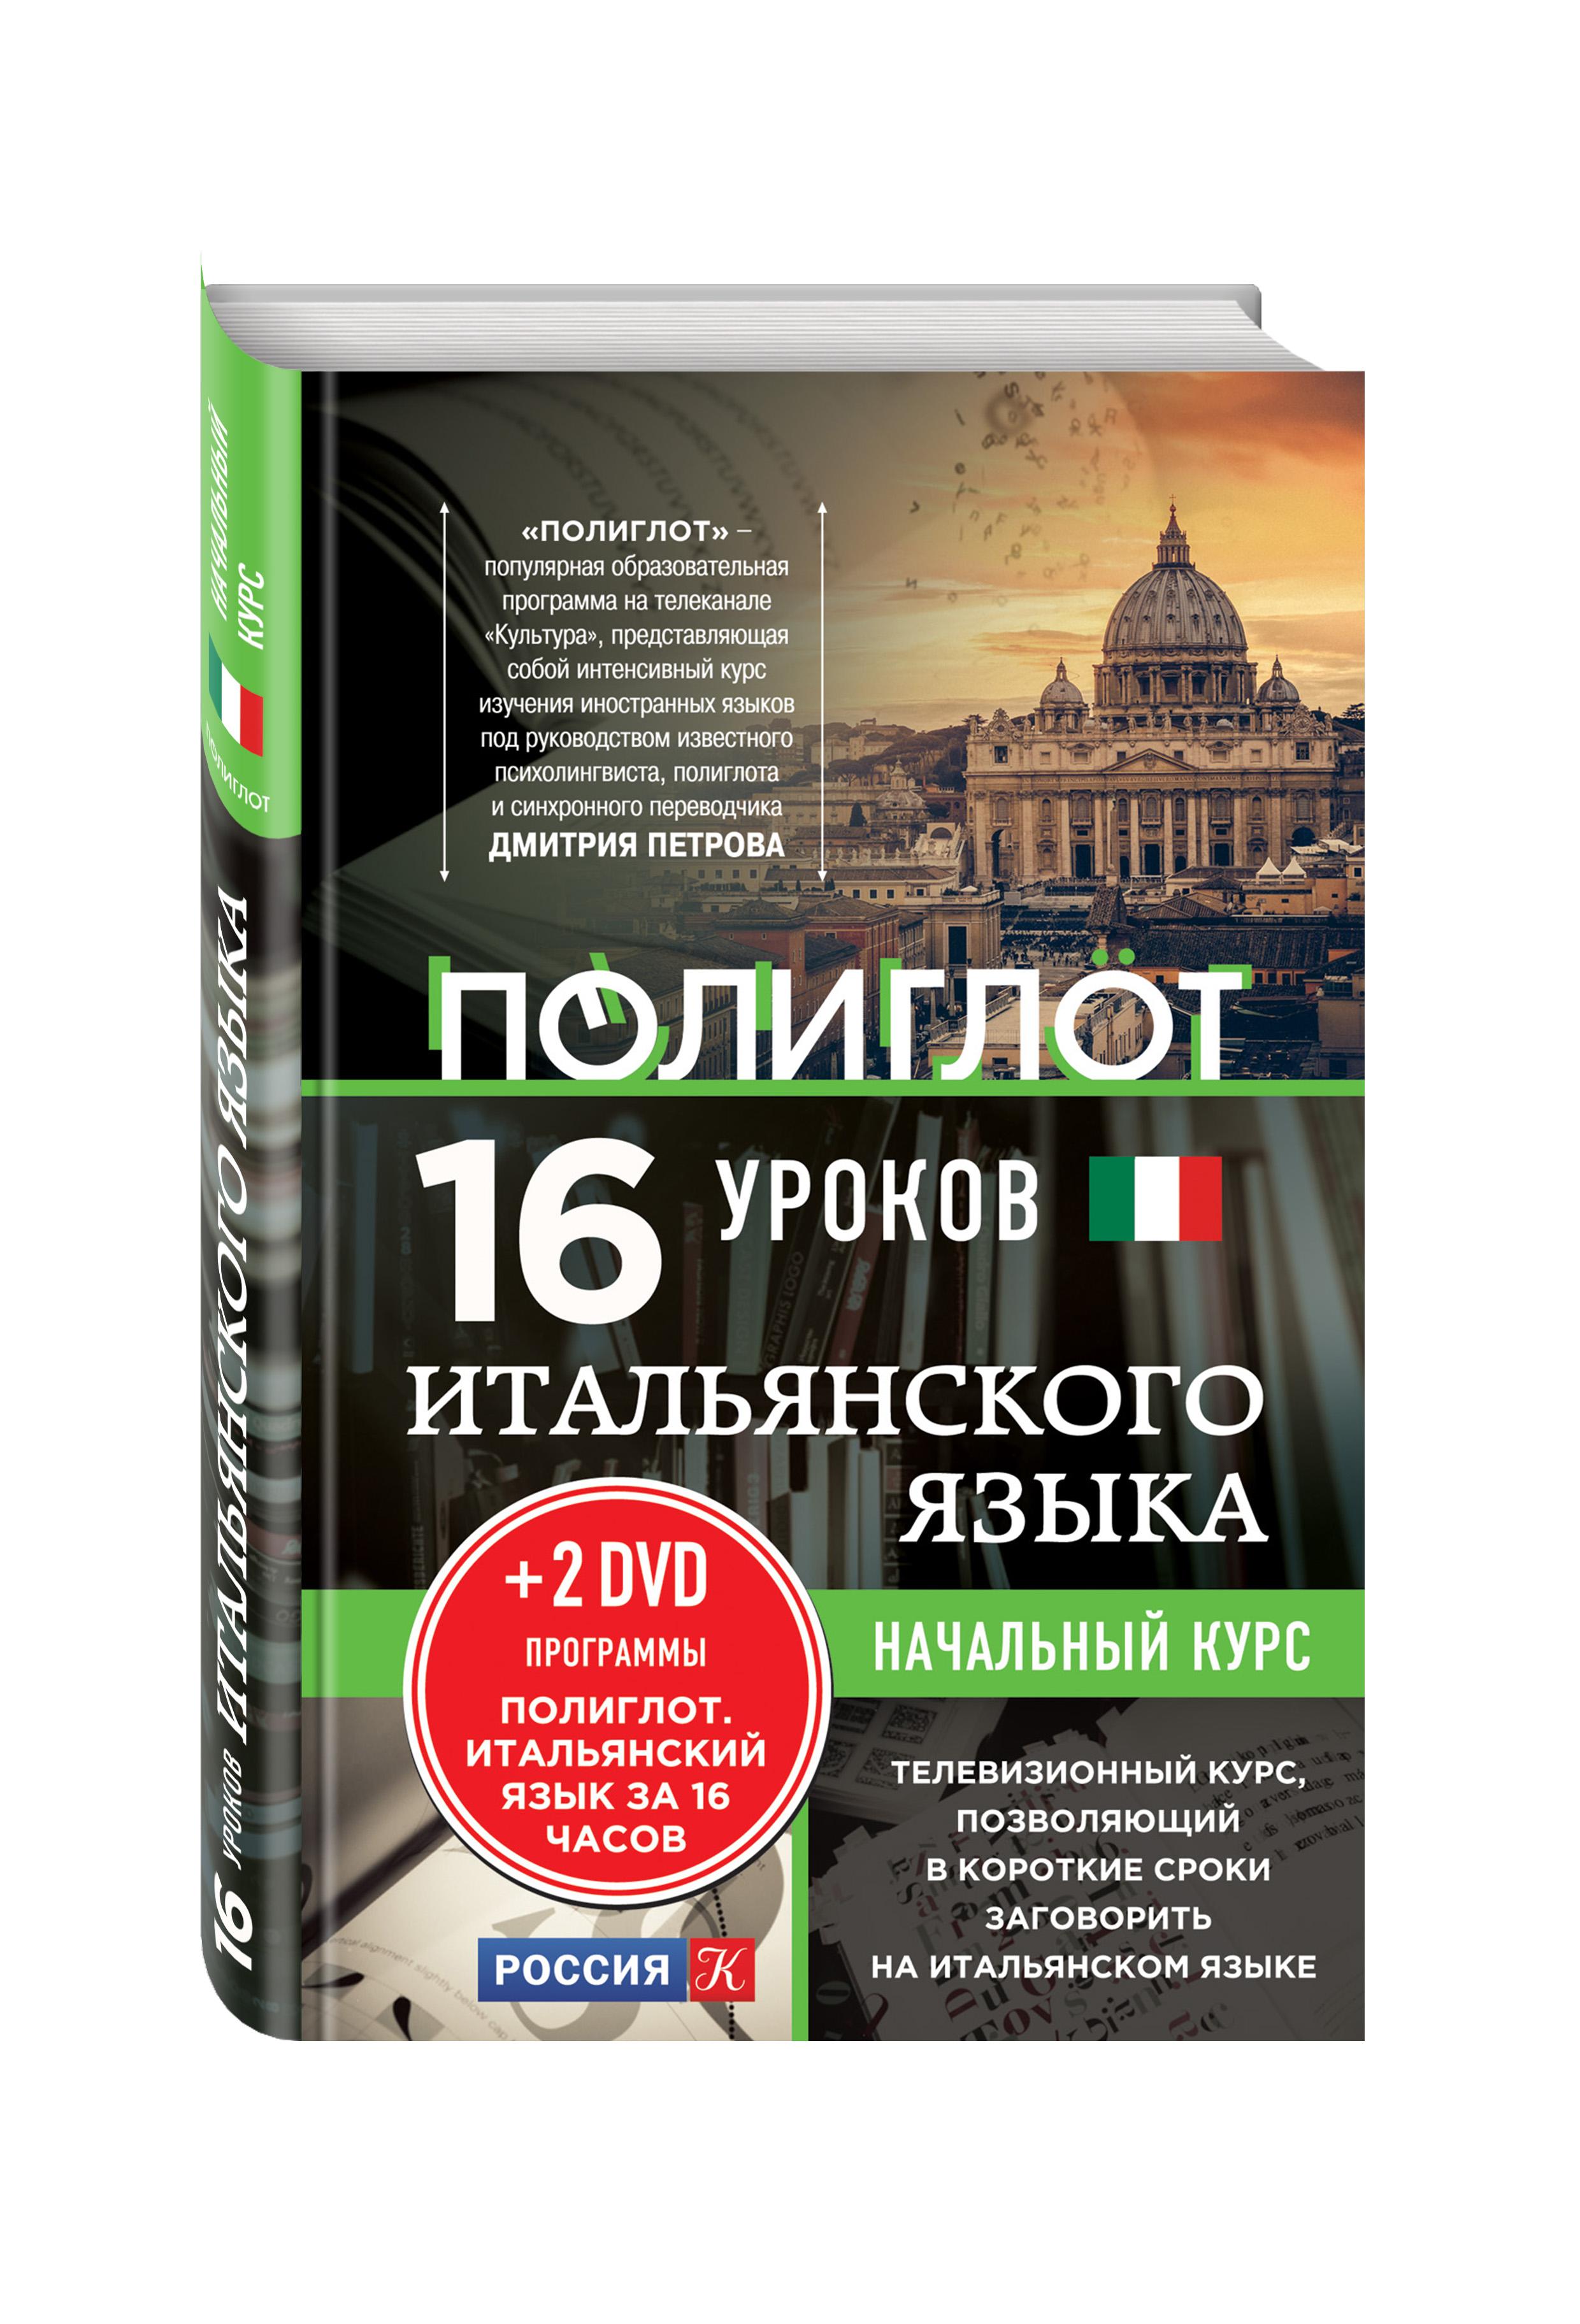 16 уроков Итальянского языка. Начальный курс + 2 DVD Итальянский язык за 16 часов красавица и чудовище dvd книга